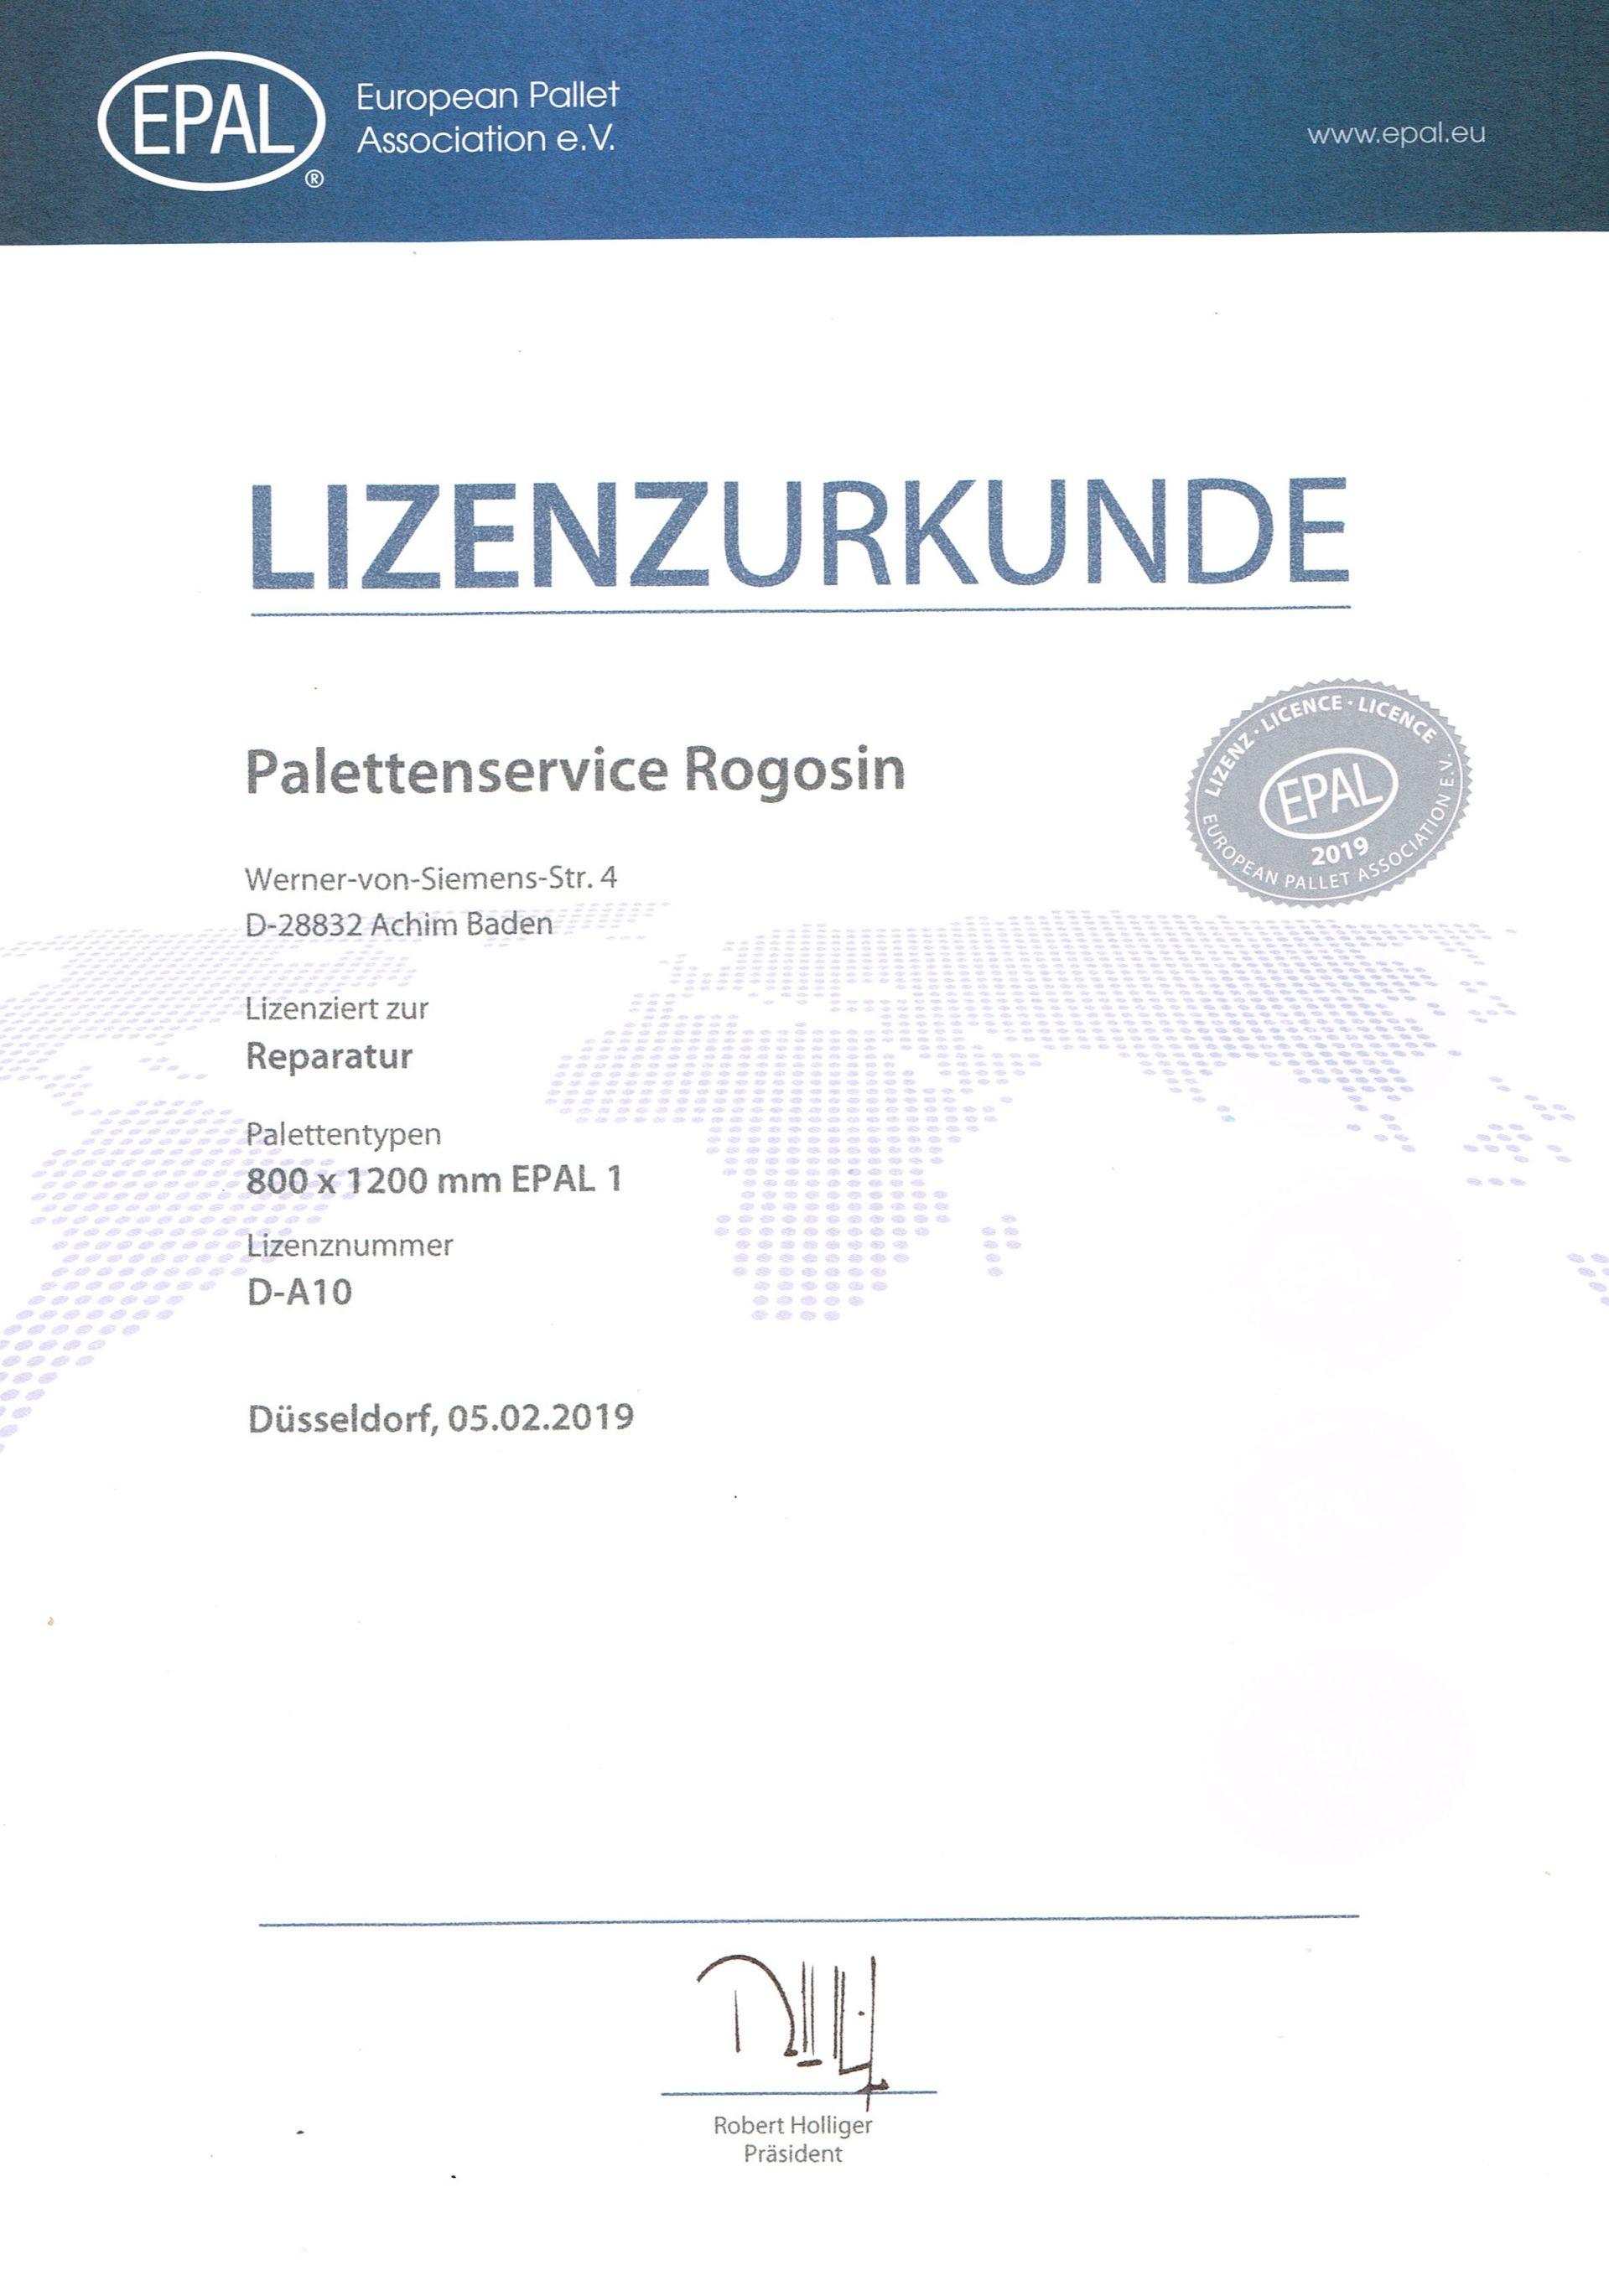 Lizenzurkunde des Palettenservice Nikolai Rogosin e.K.